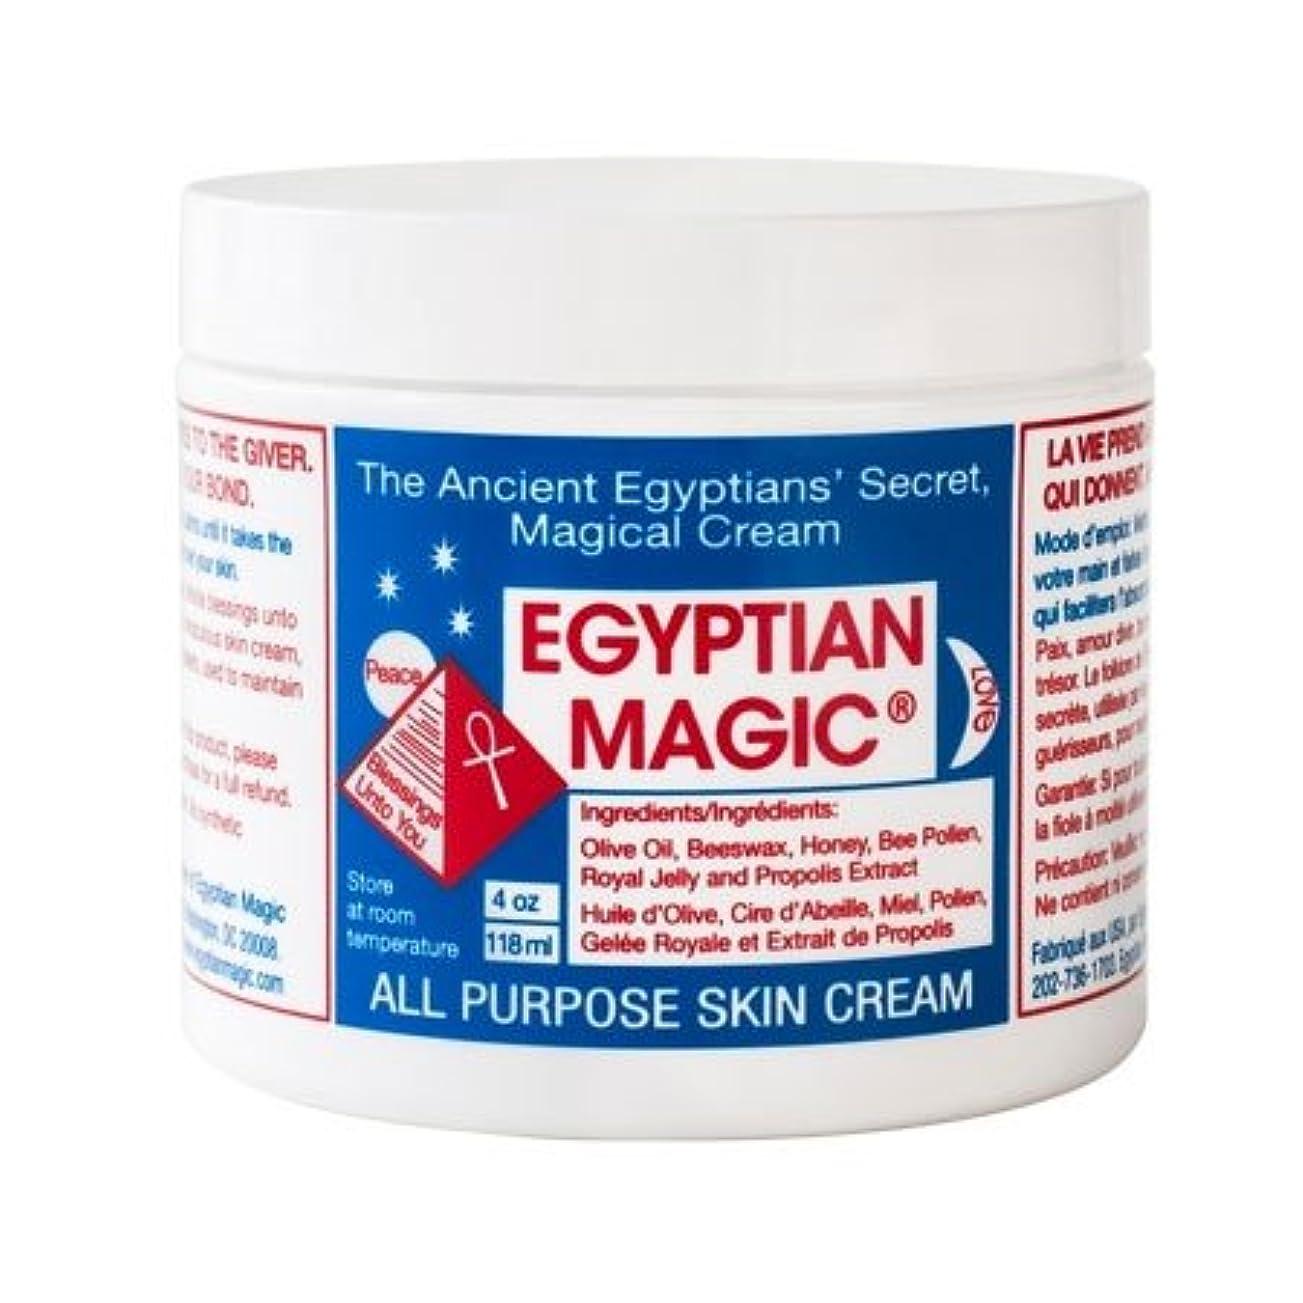 つまずく関与するクリークエジプシャンマジック エジプシャン マジック クリーム 118ml 海外仕様パッケージ